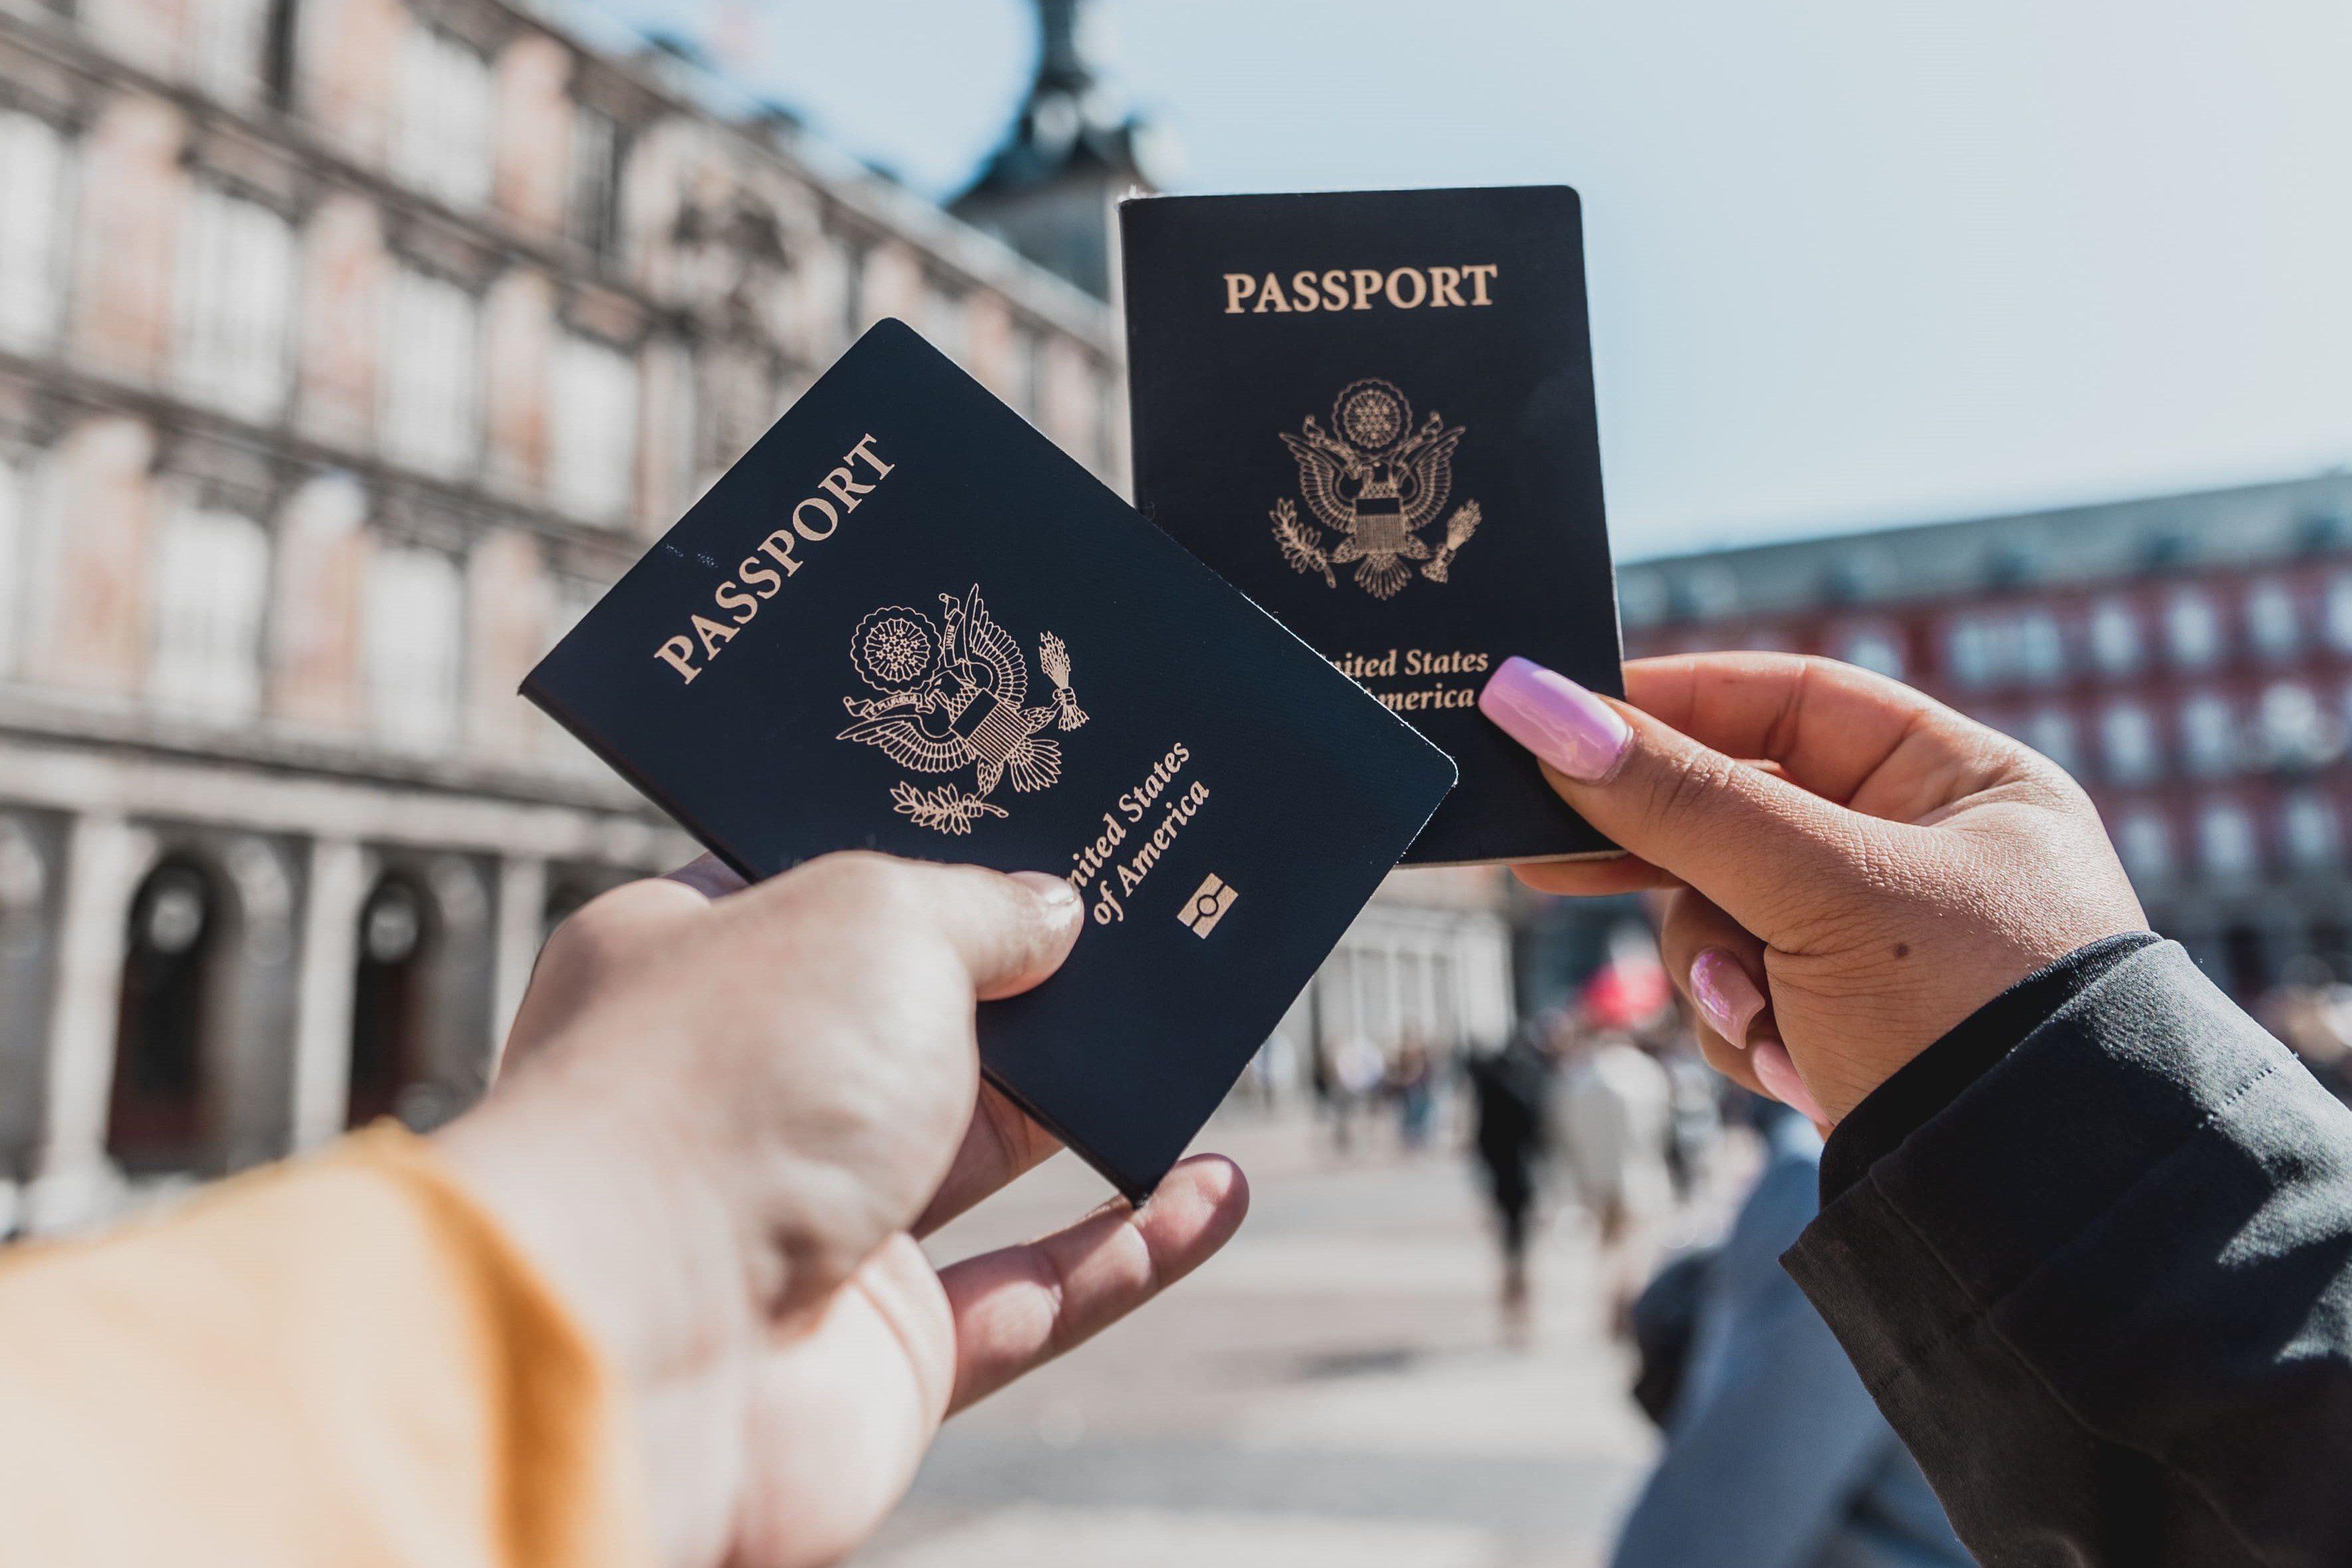 passaportes mãos durante viagem internacional